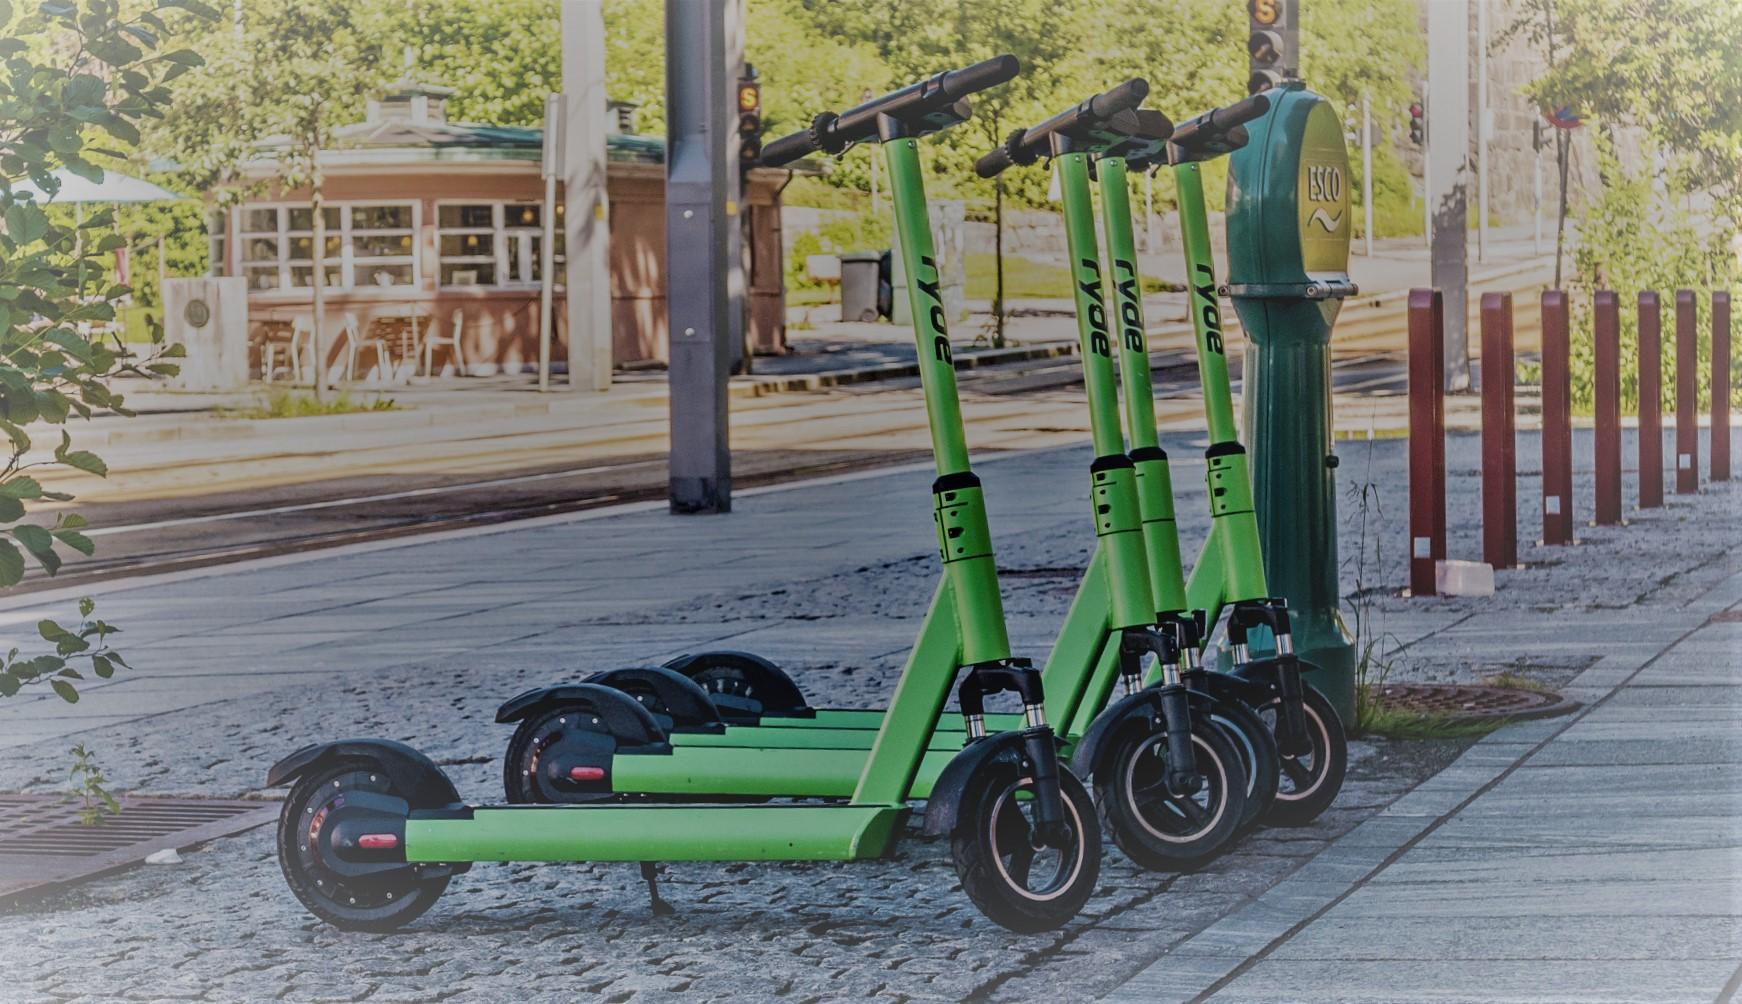 Omstridte elsparkesykler. Elektriske sparkesykler har invadert Bergen.